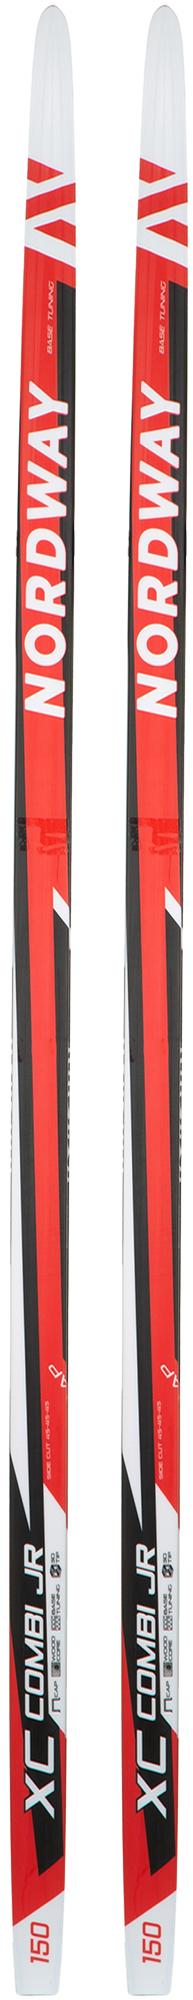 Nordway Беговые лыжи юниорские Nordway Active Combi Jr цена